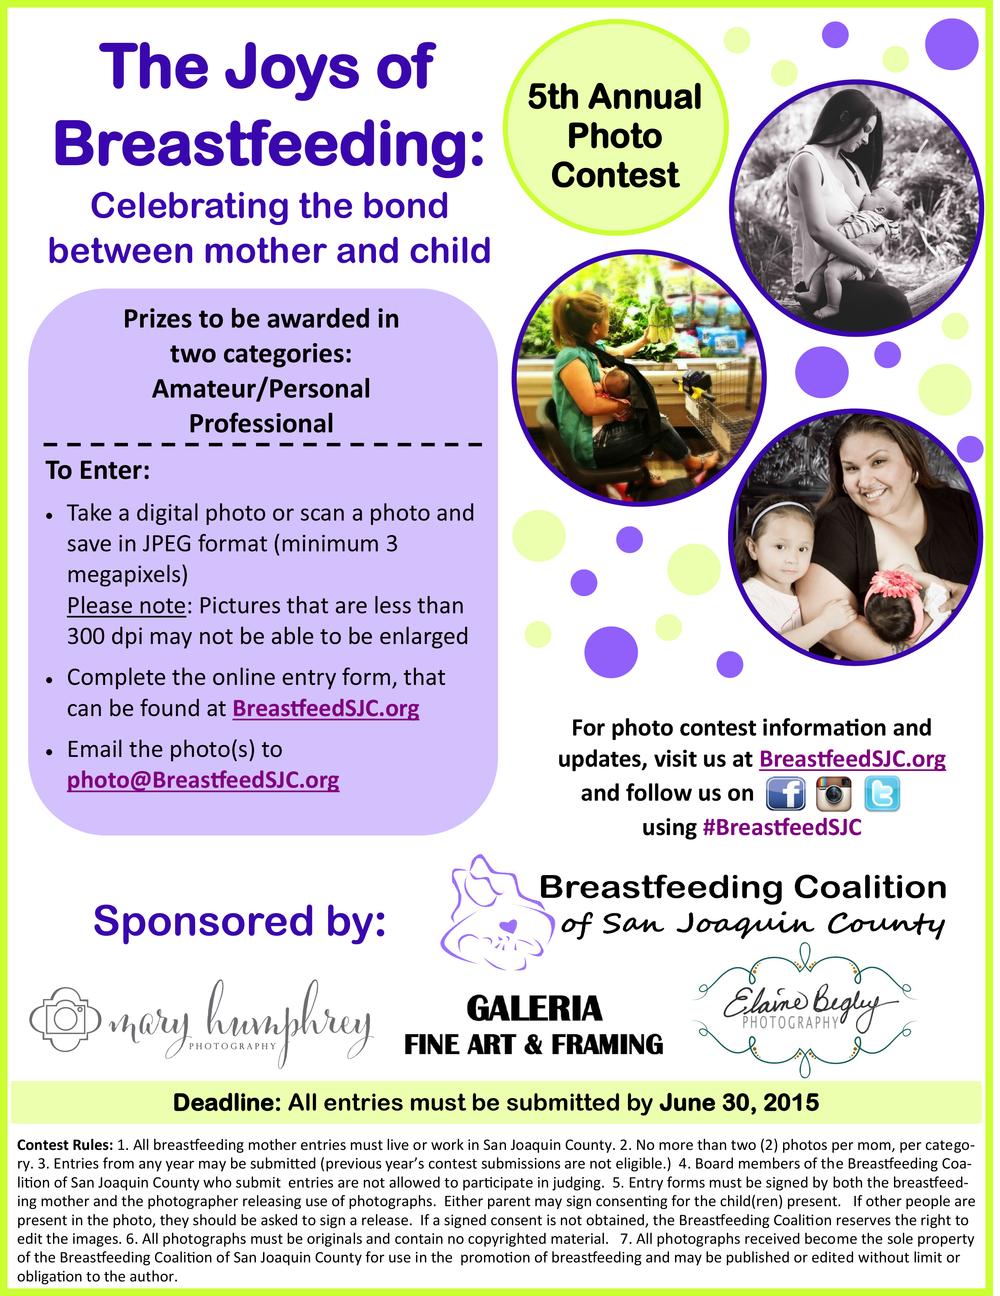 San Joaquin County Breastfeeding Coalition